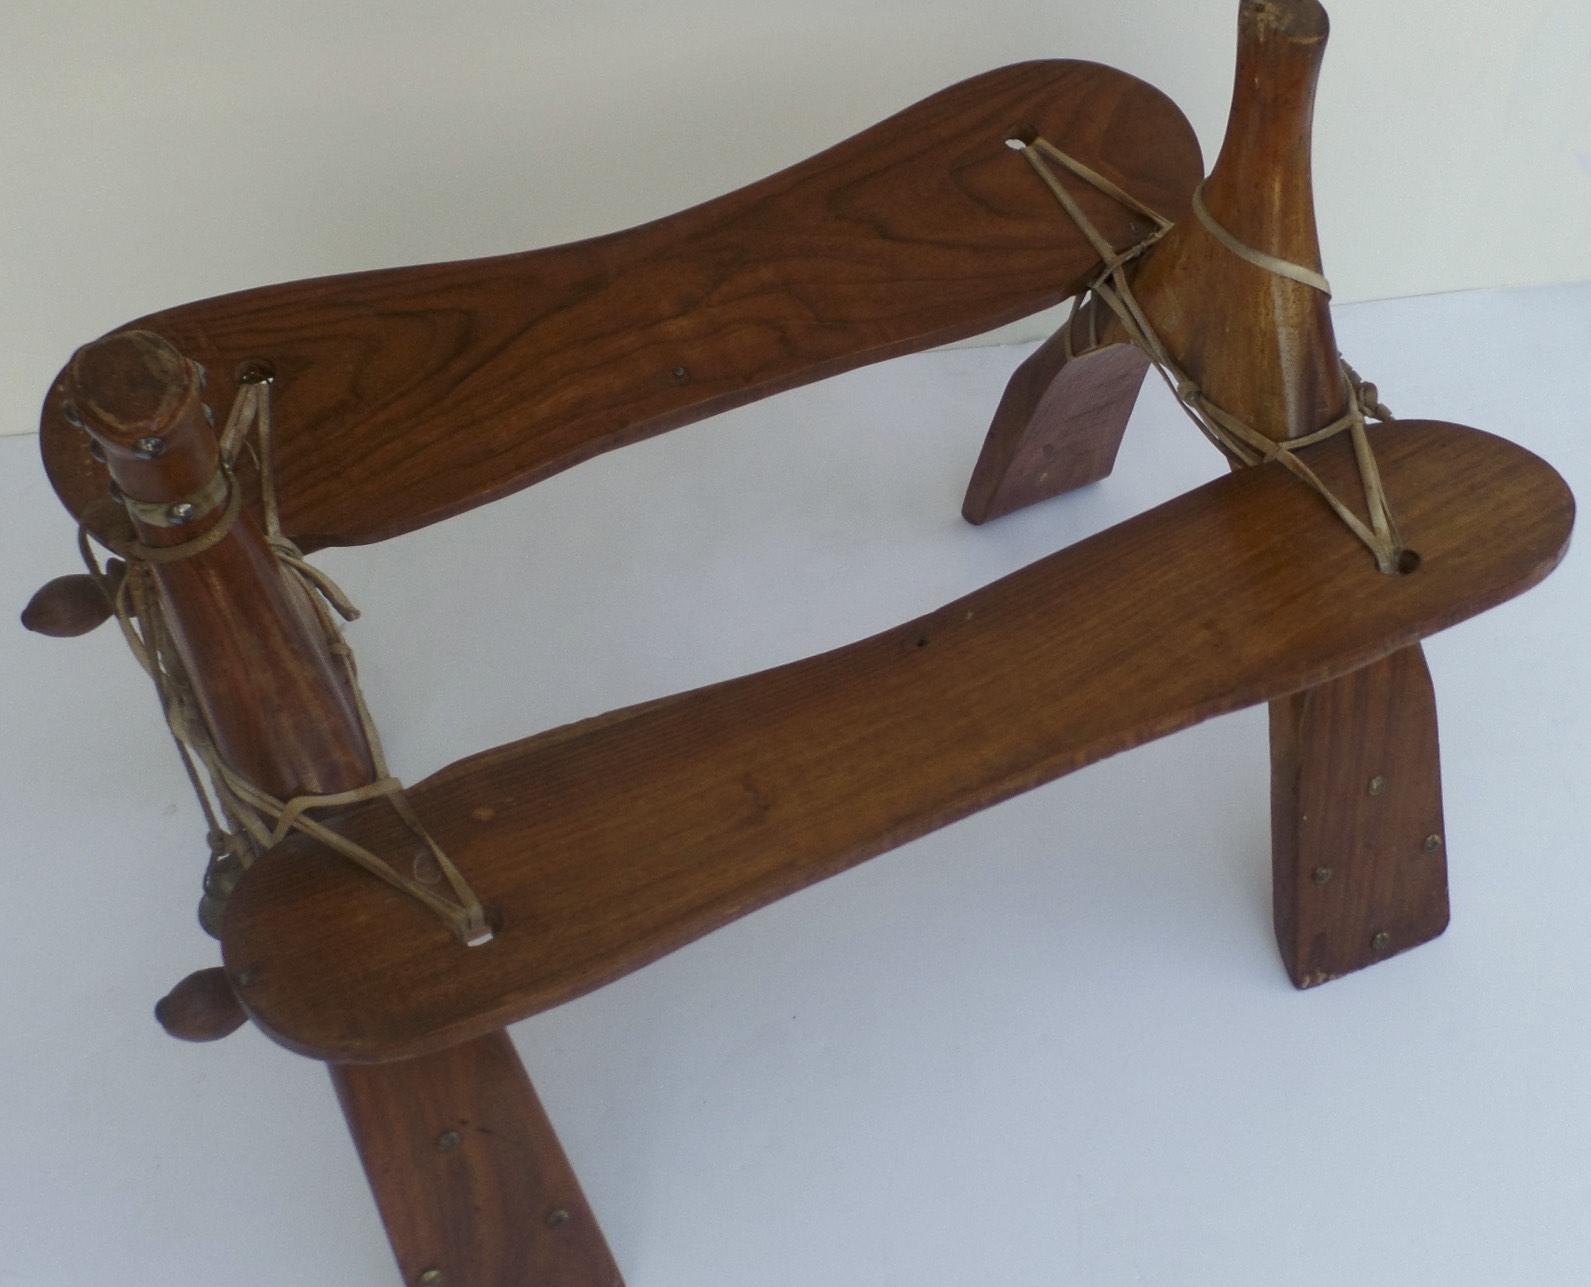 Antique Camel Saddle Best 2000 Antique Decor Ideas